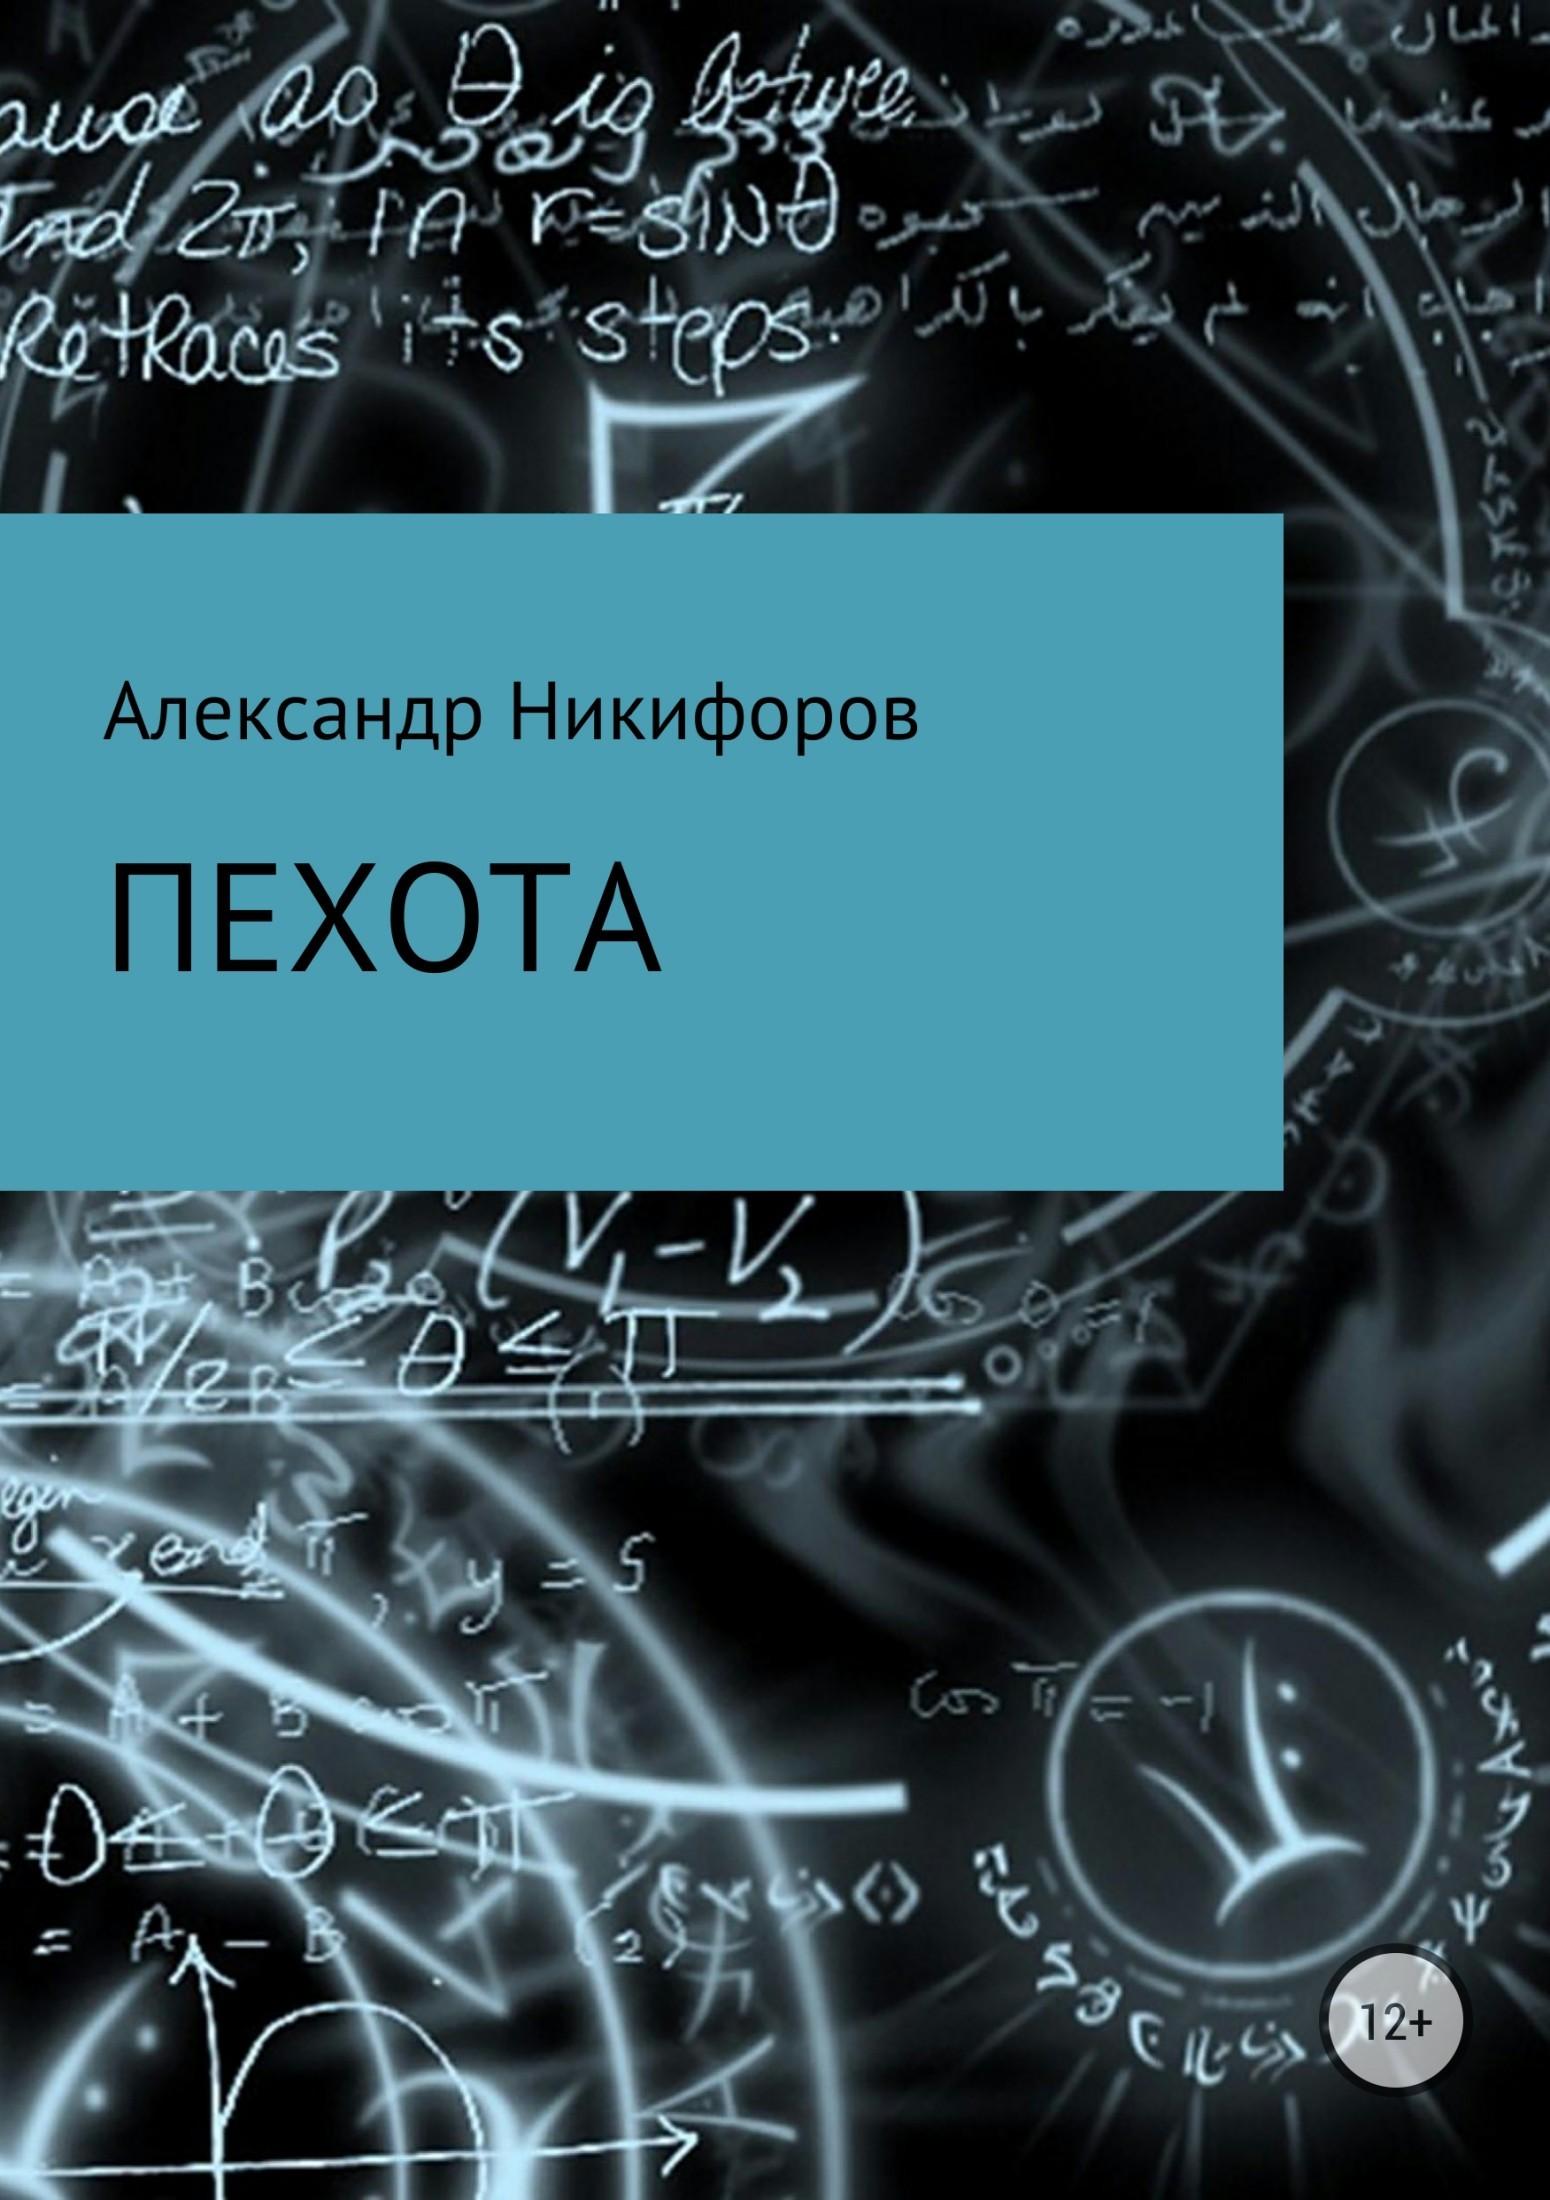 Александр Евгеньевич Никифоров Пехота александр евгеньевич чупин скоростник и